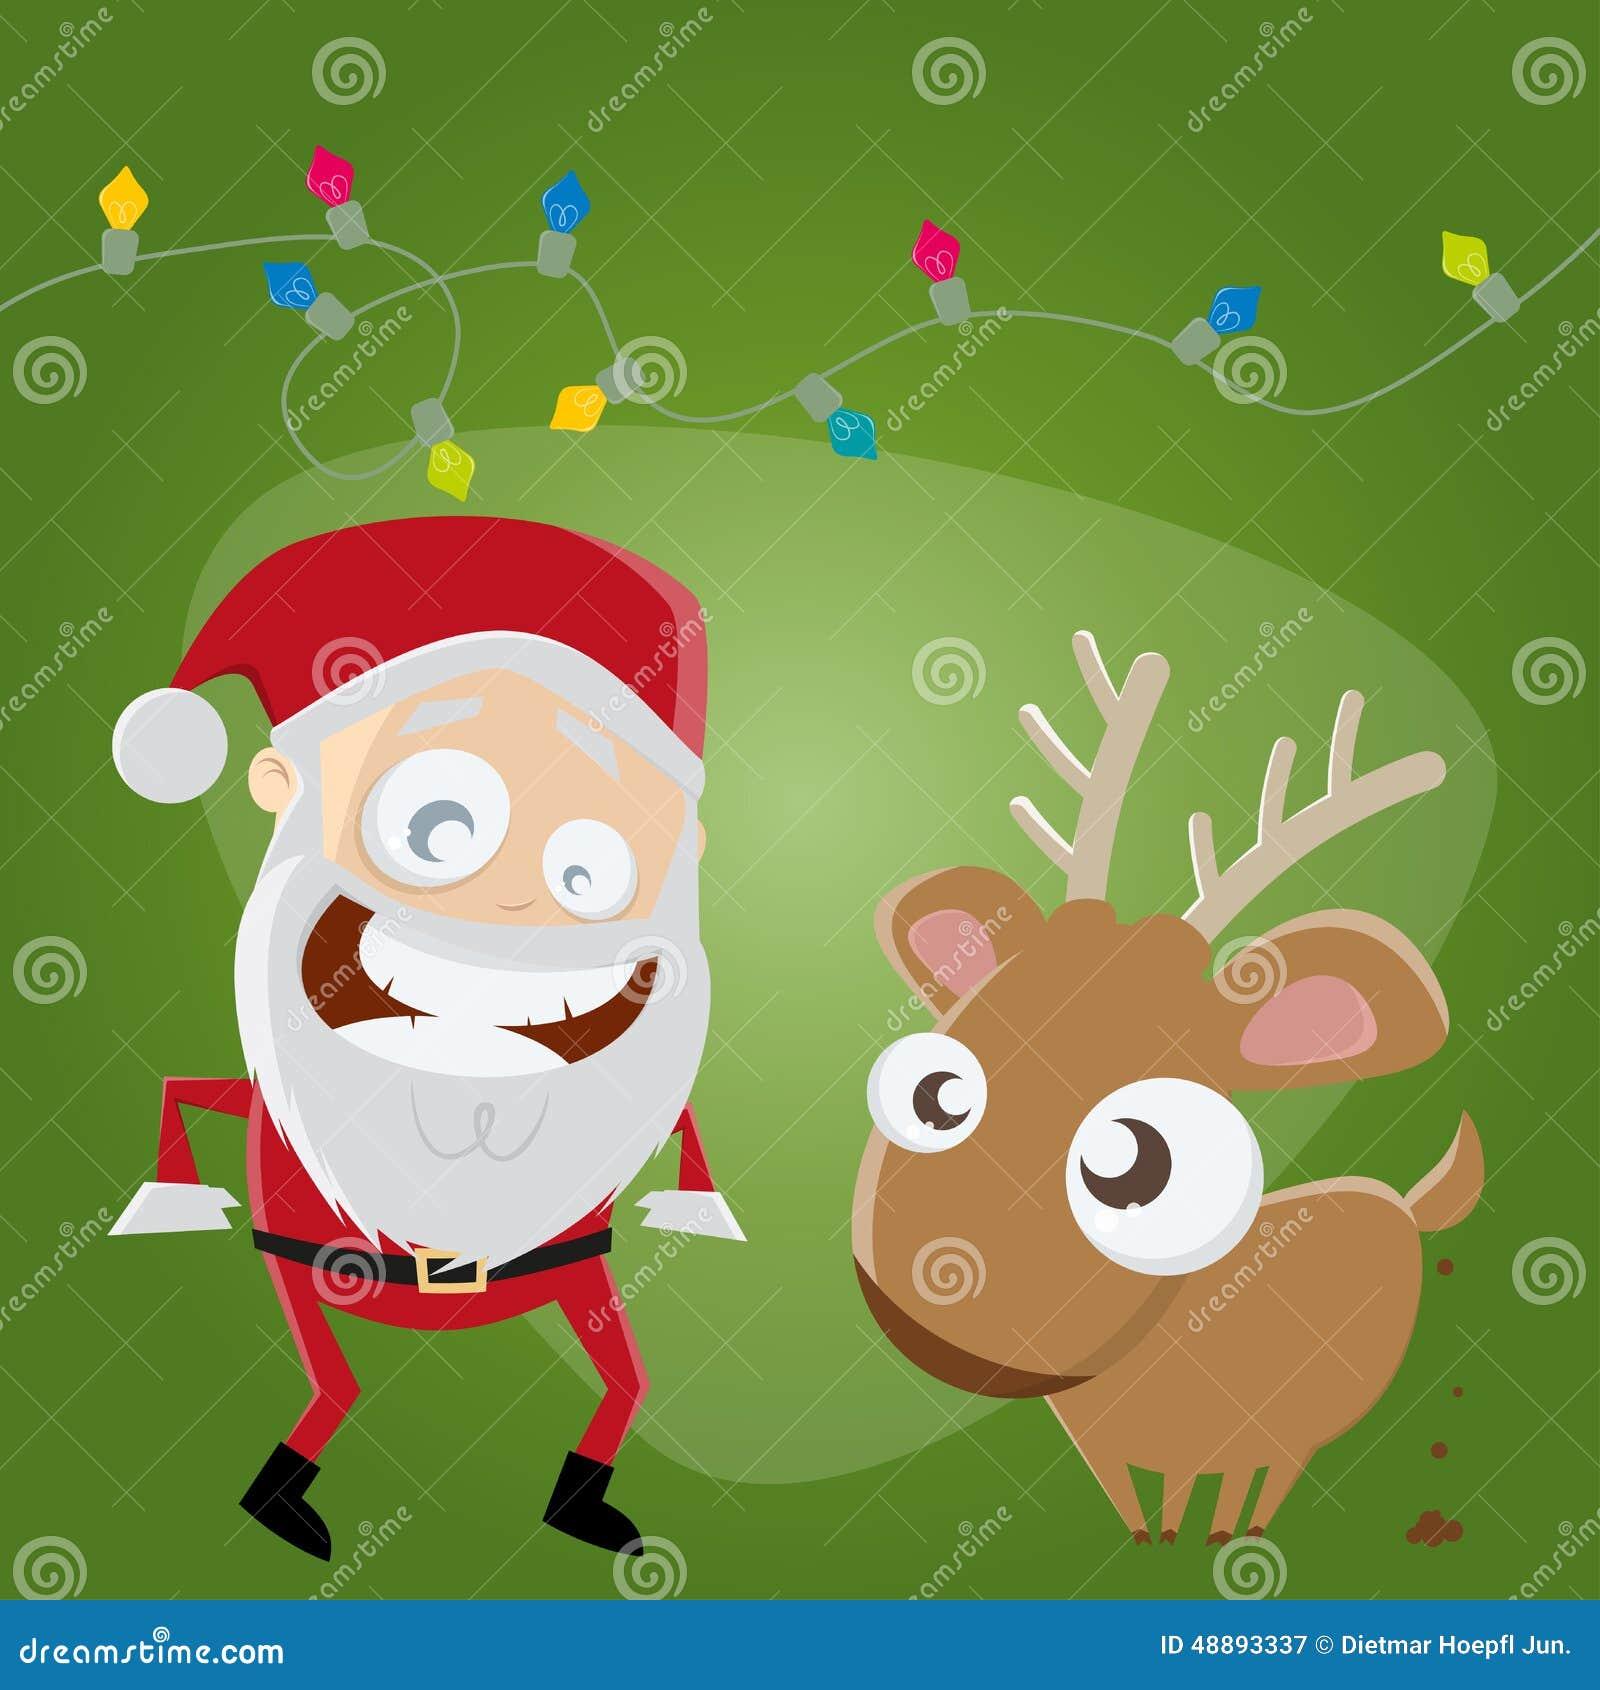 Babbo Natale Immagini Divertenti.Il Babbo Natale E Renna Divertenti Illustrazione Vettoriale